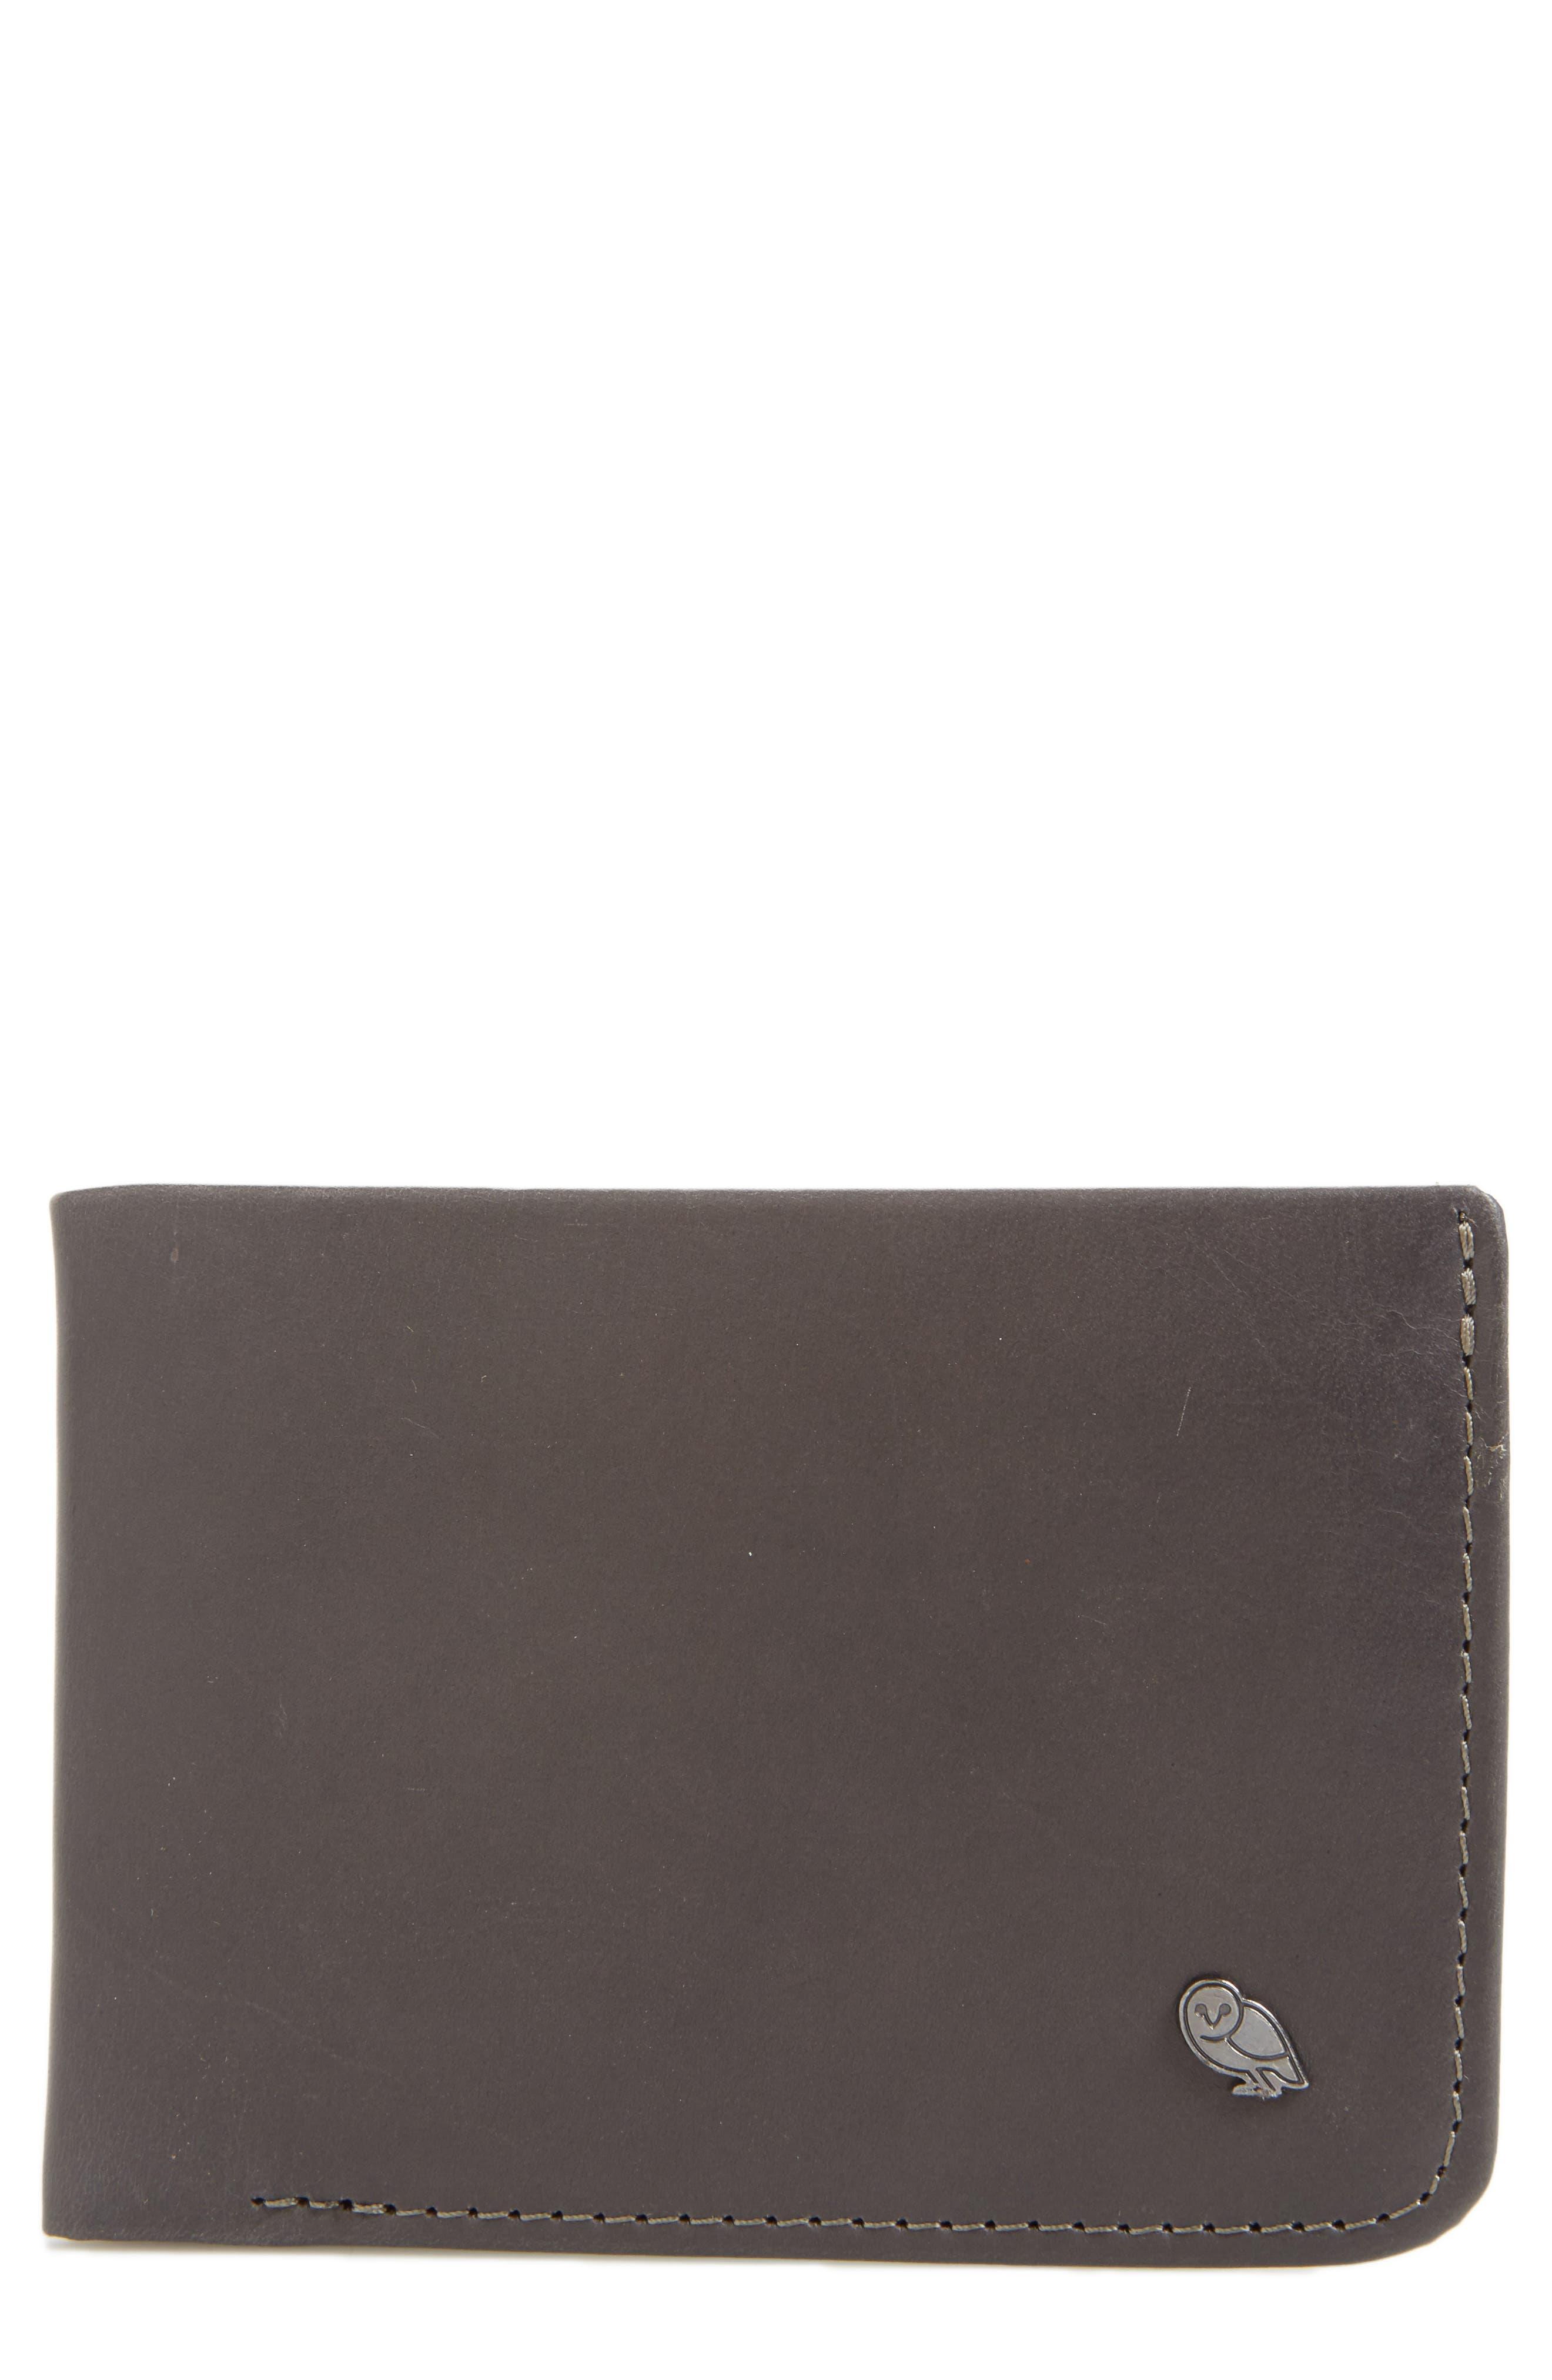 Alternate Image 1 Selected - Bellroy 'Hide And Seek' Wallet